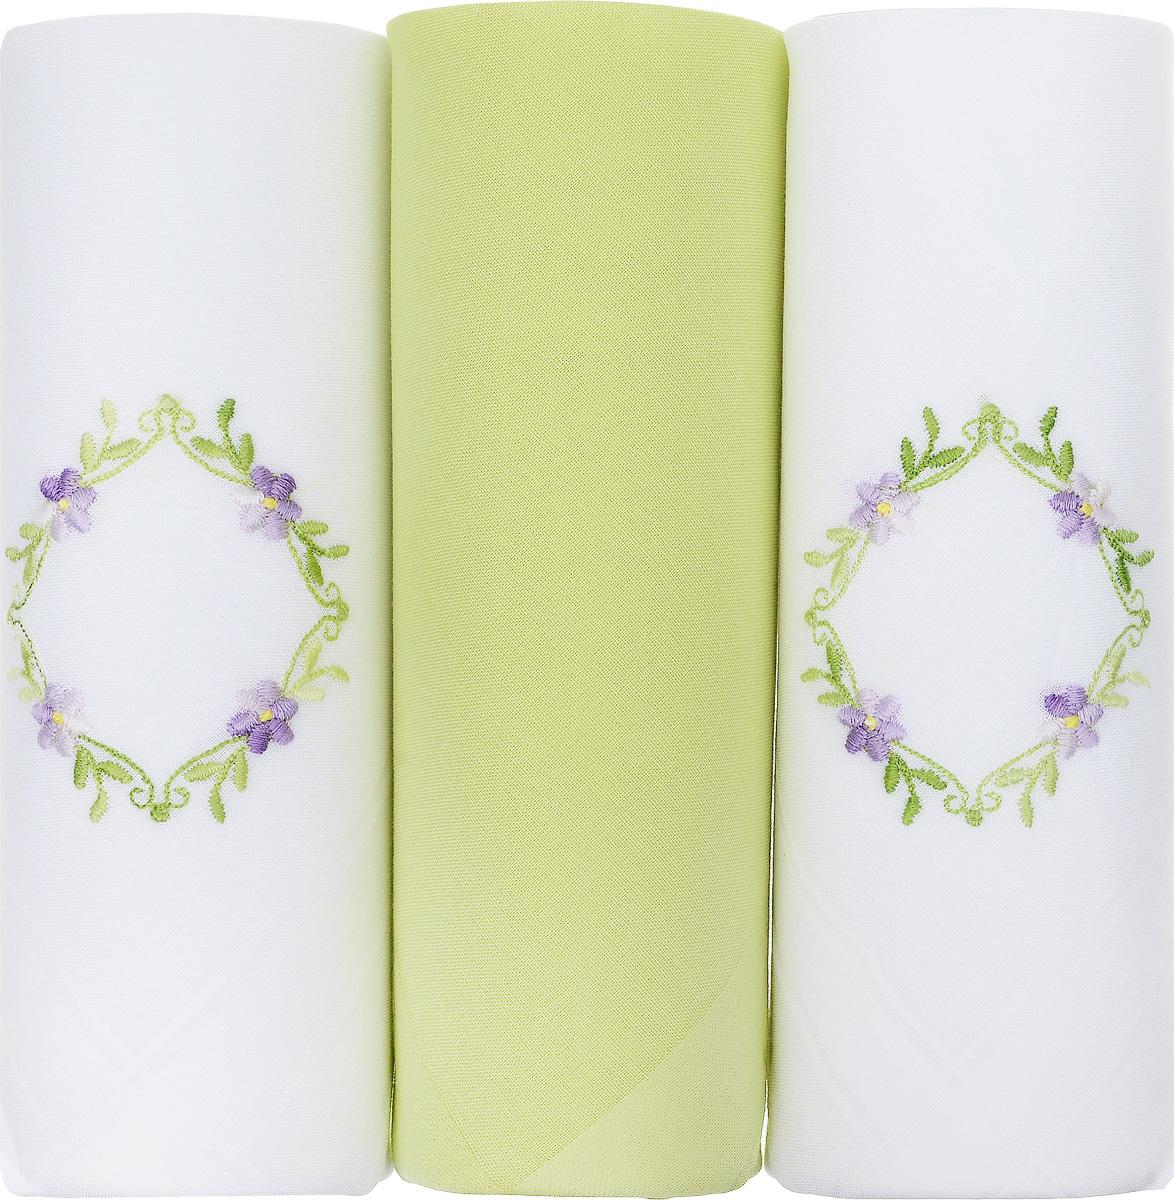 Платок носовой женский Zlata Korunka, цвет: белый, желтый, 3 шт. 25605-2. Размер 30 см х 30 см25605-2Небольшой женский носовой платок Zlata Korunka изготовлен из высококачественного натурального хлопка, благодаря чему приятен в использовании, хорошо стирается, не садится и отлично впитывает влагу. Практичный и изящный носовой платок будет незаменим в повседневной жизни любого современного человека. Такой платок послужит стильным аксессуаром и подчеркнет ваше превосходное чувство вкуса. В комплекте 3 платка.